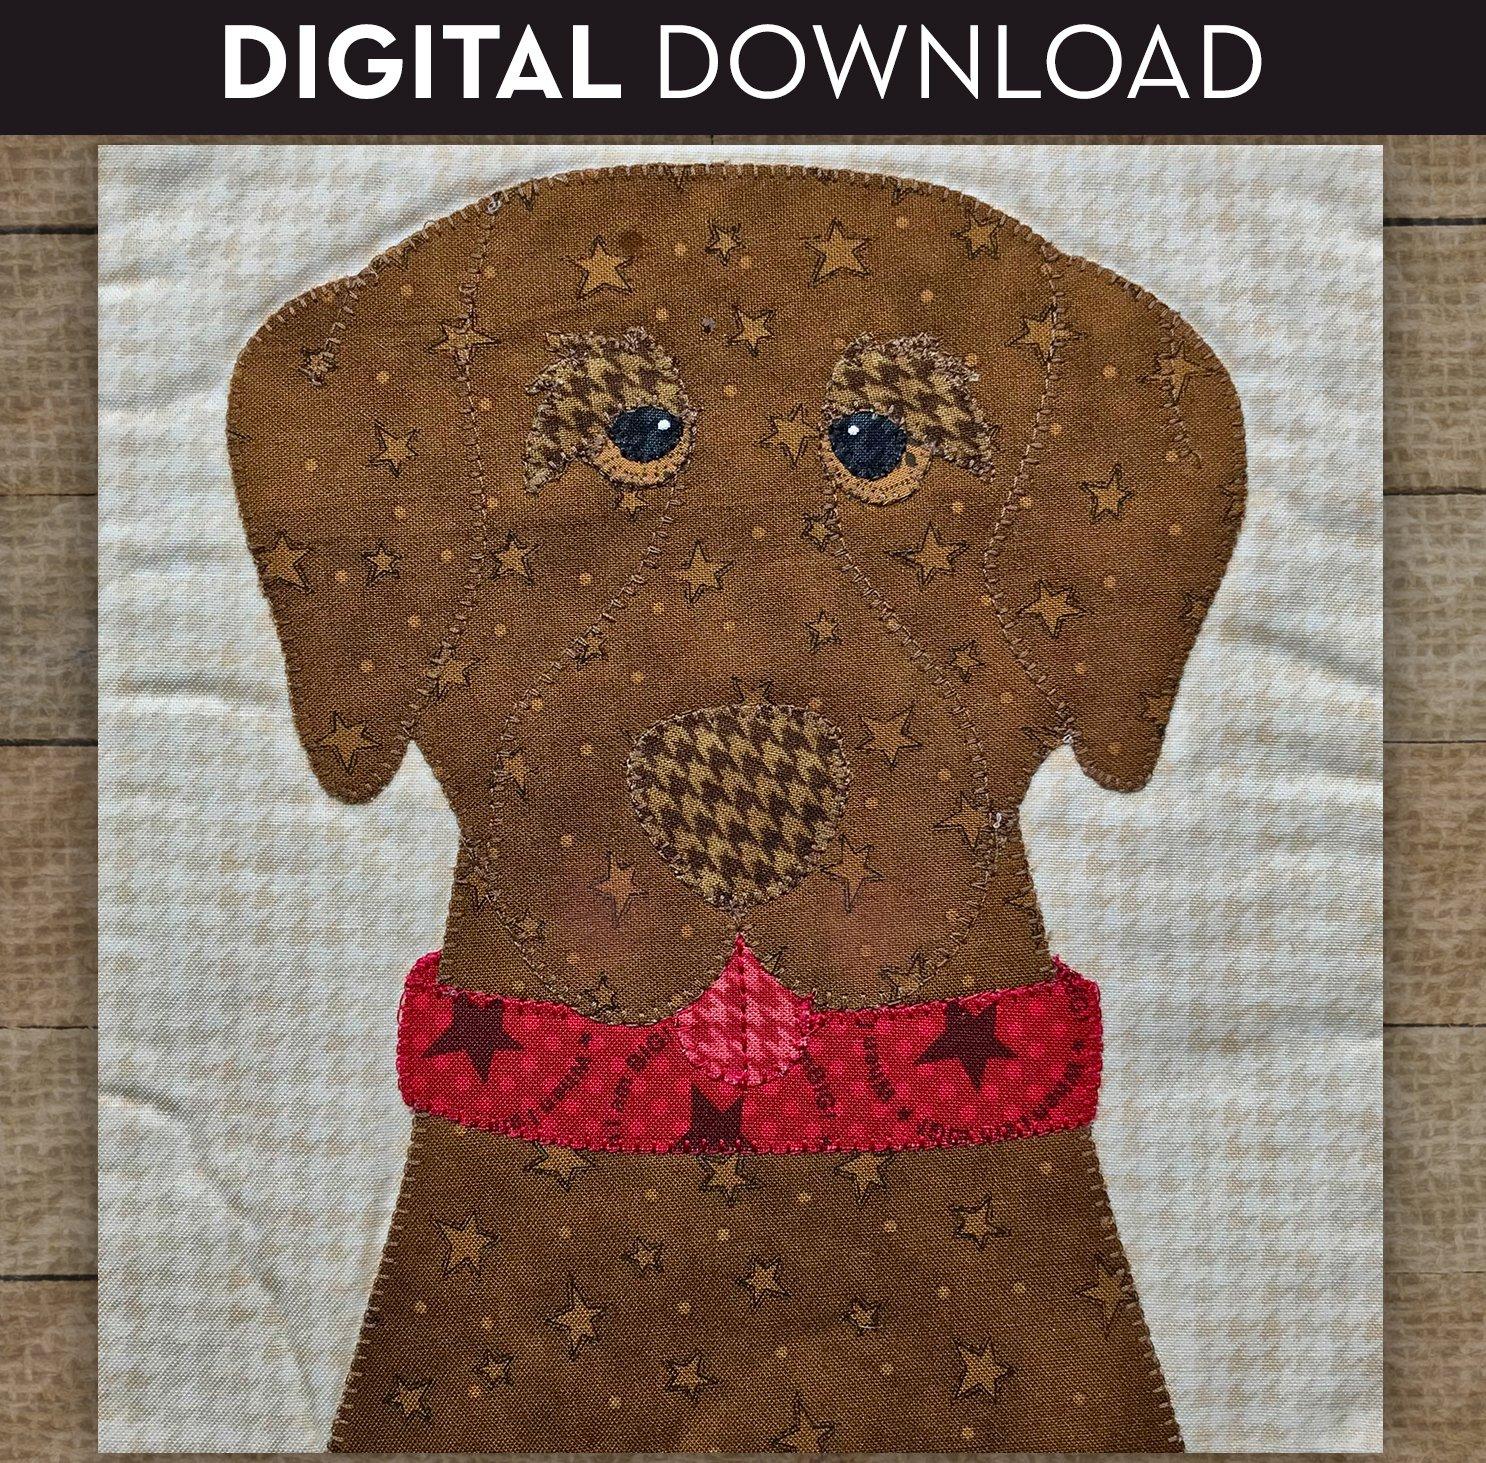 Labrador Retriever - Download